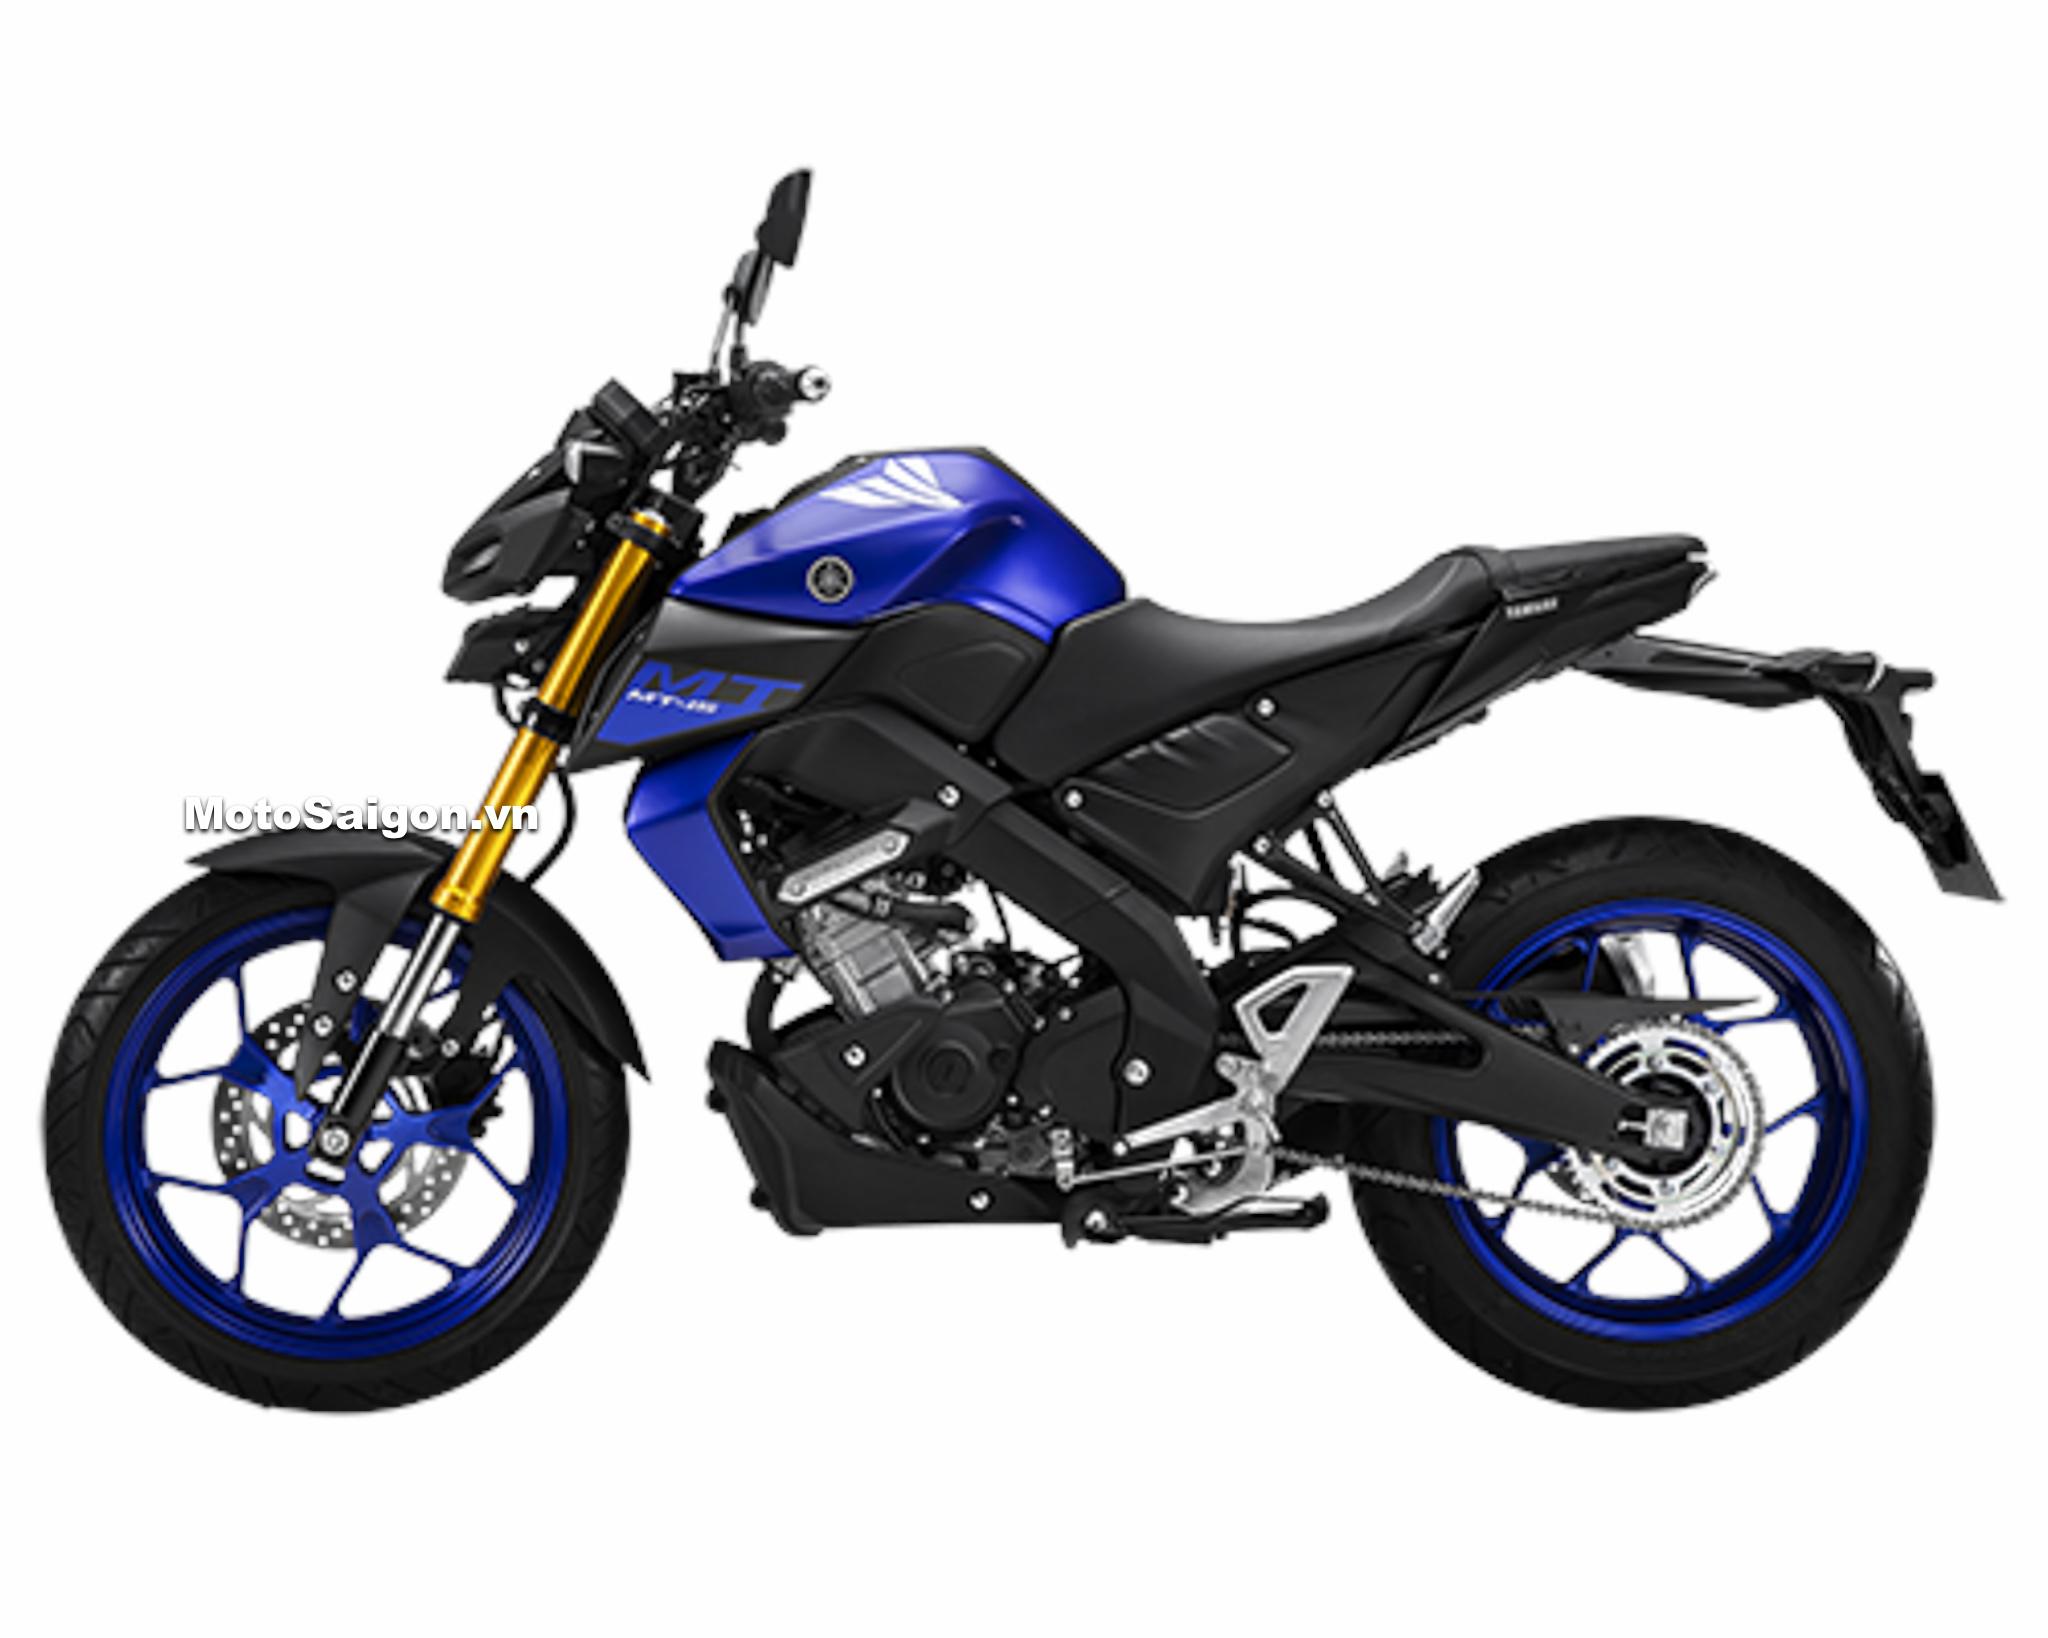 Yamaha MT-15 chính hãng màu Xanh GP giá bán 78 triệu đồng